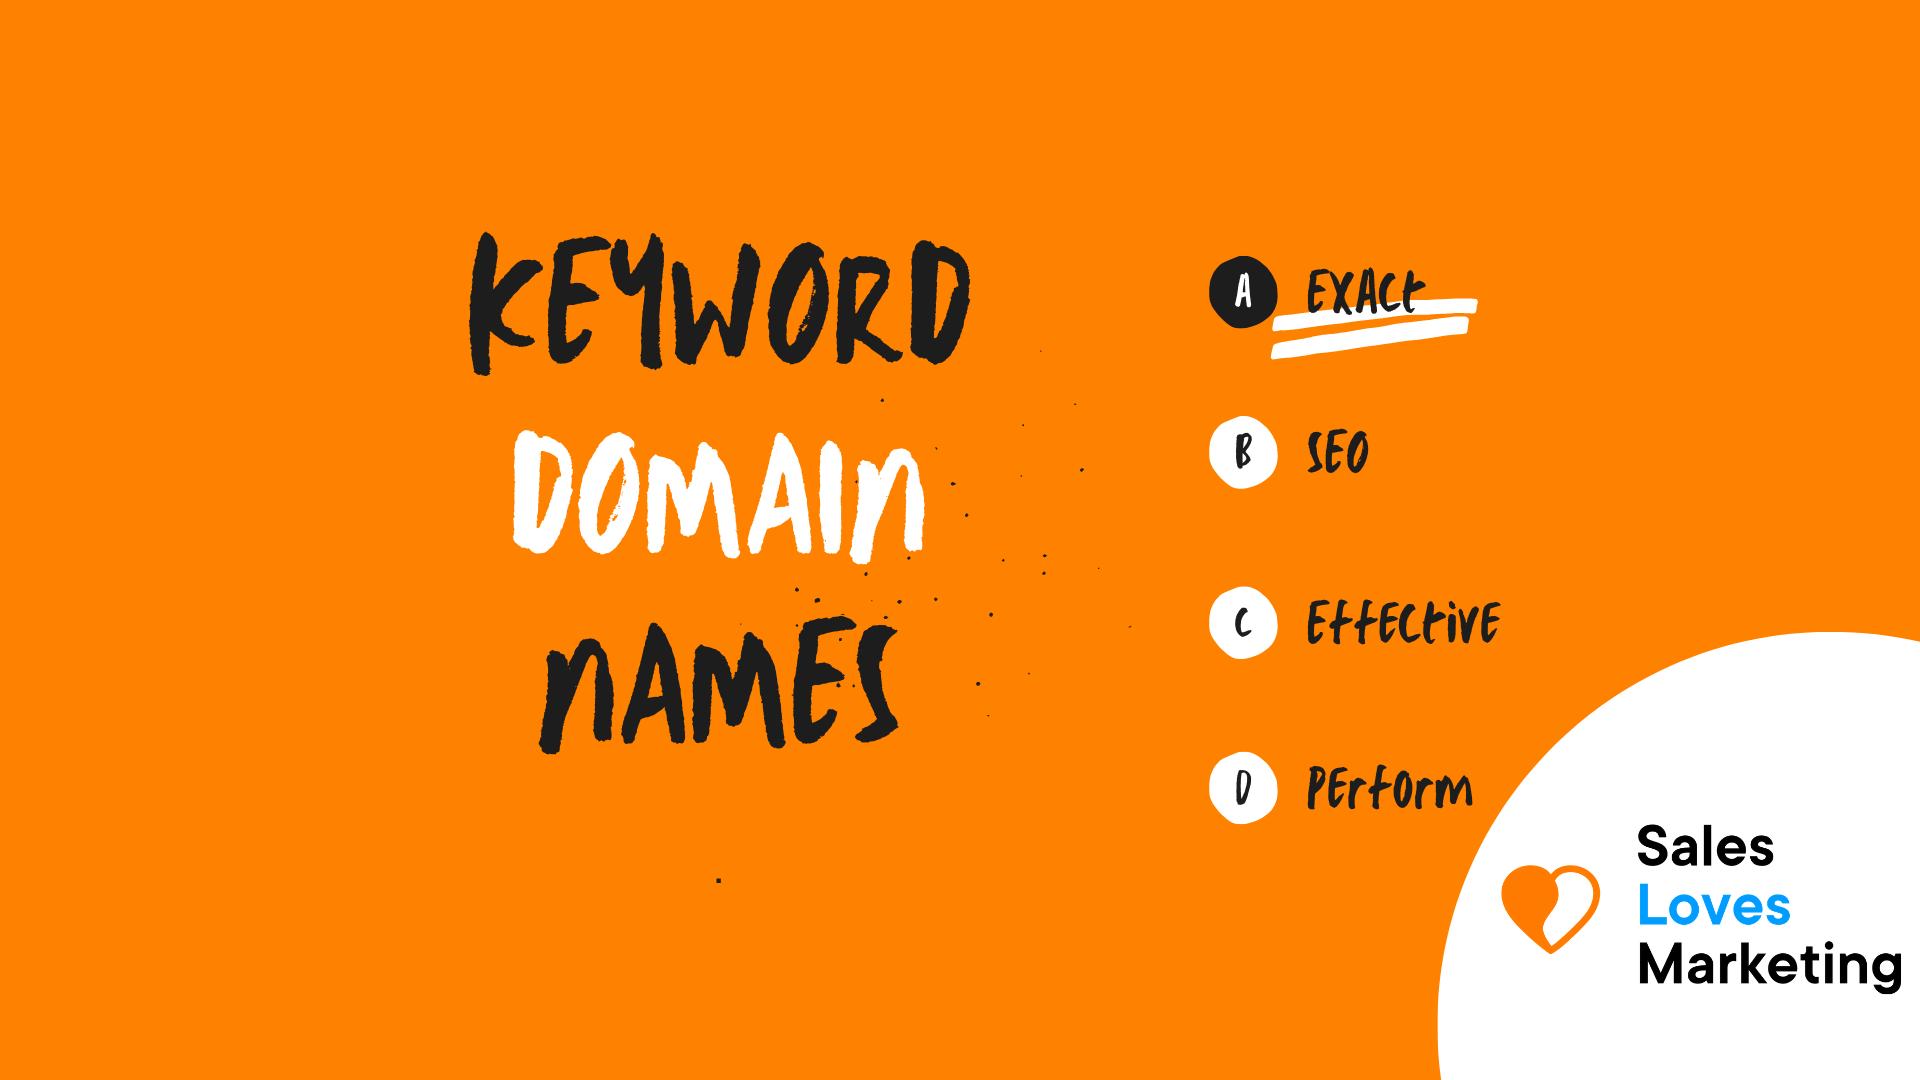 Keyword Domain Names